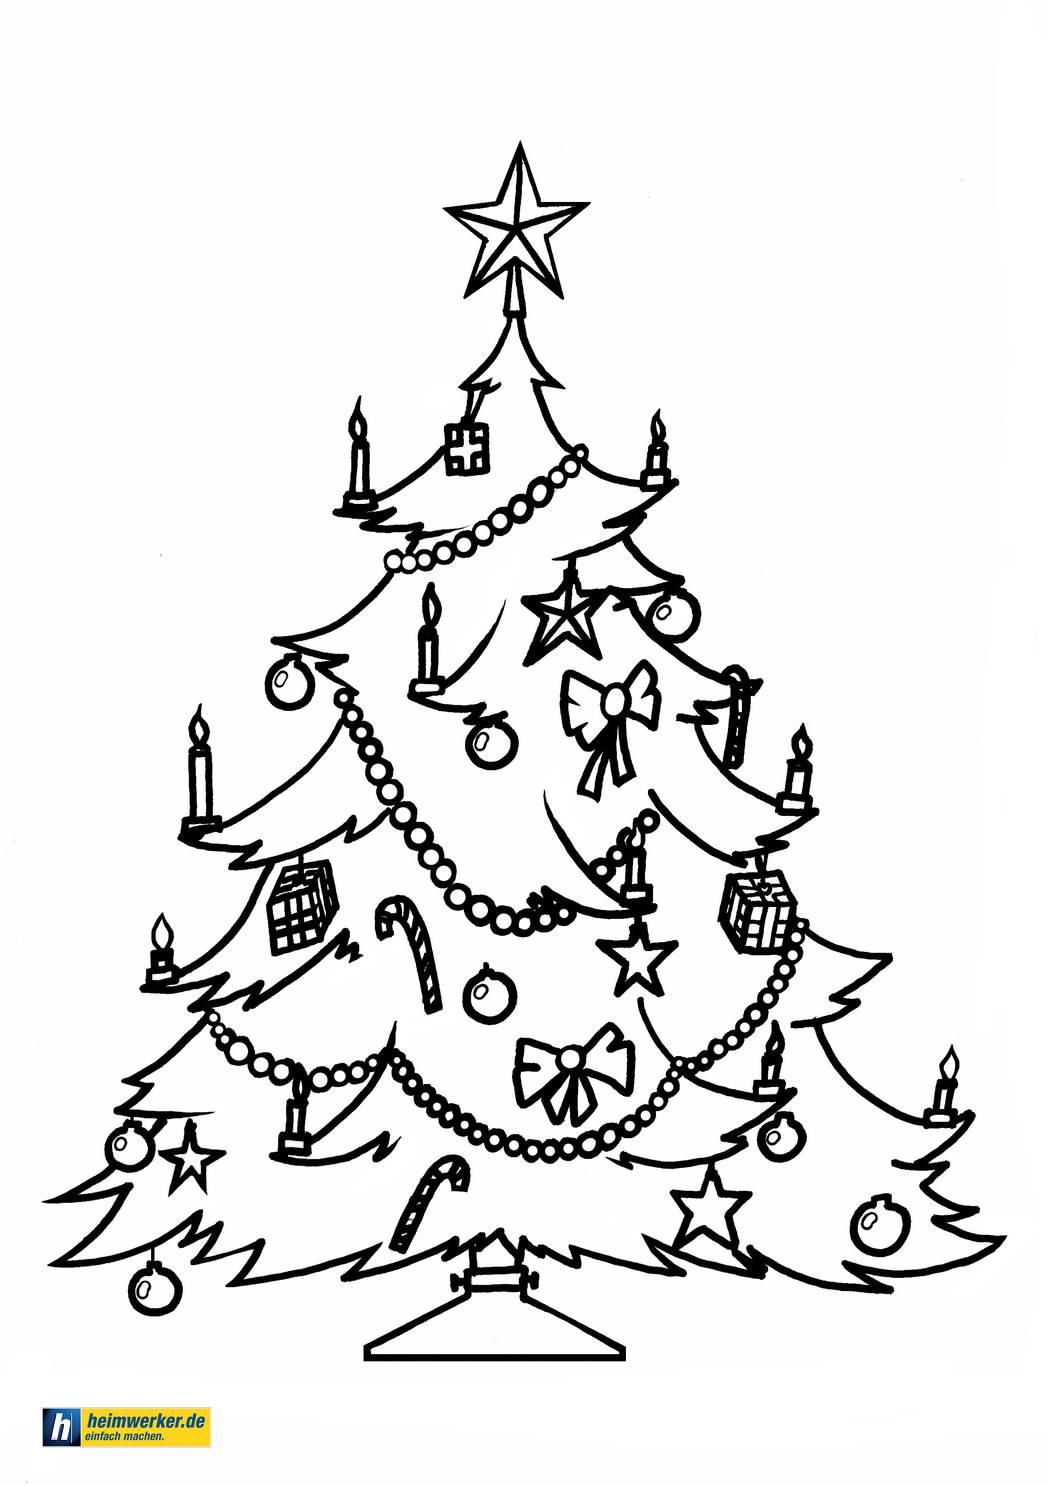 Weihnachtsbilder Zum Ausdrucken Malvorlagen